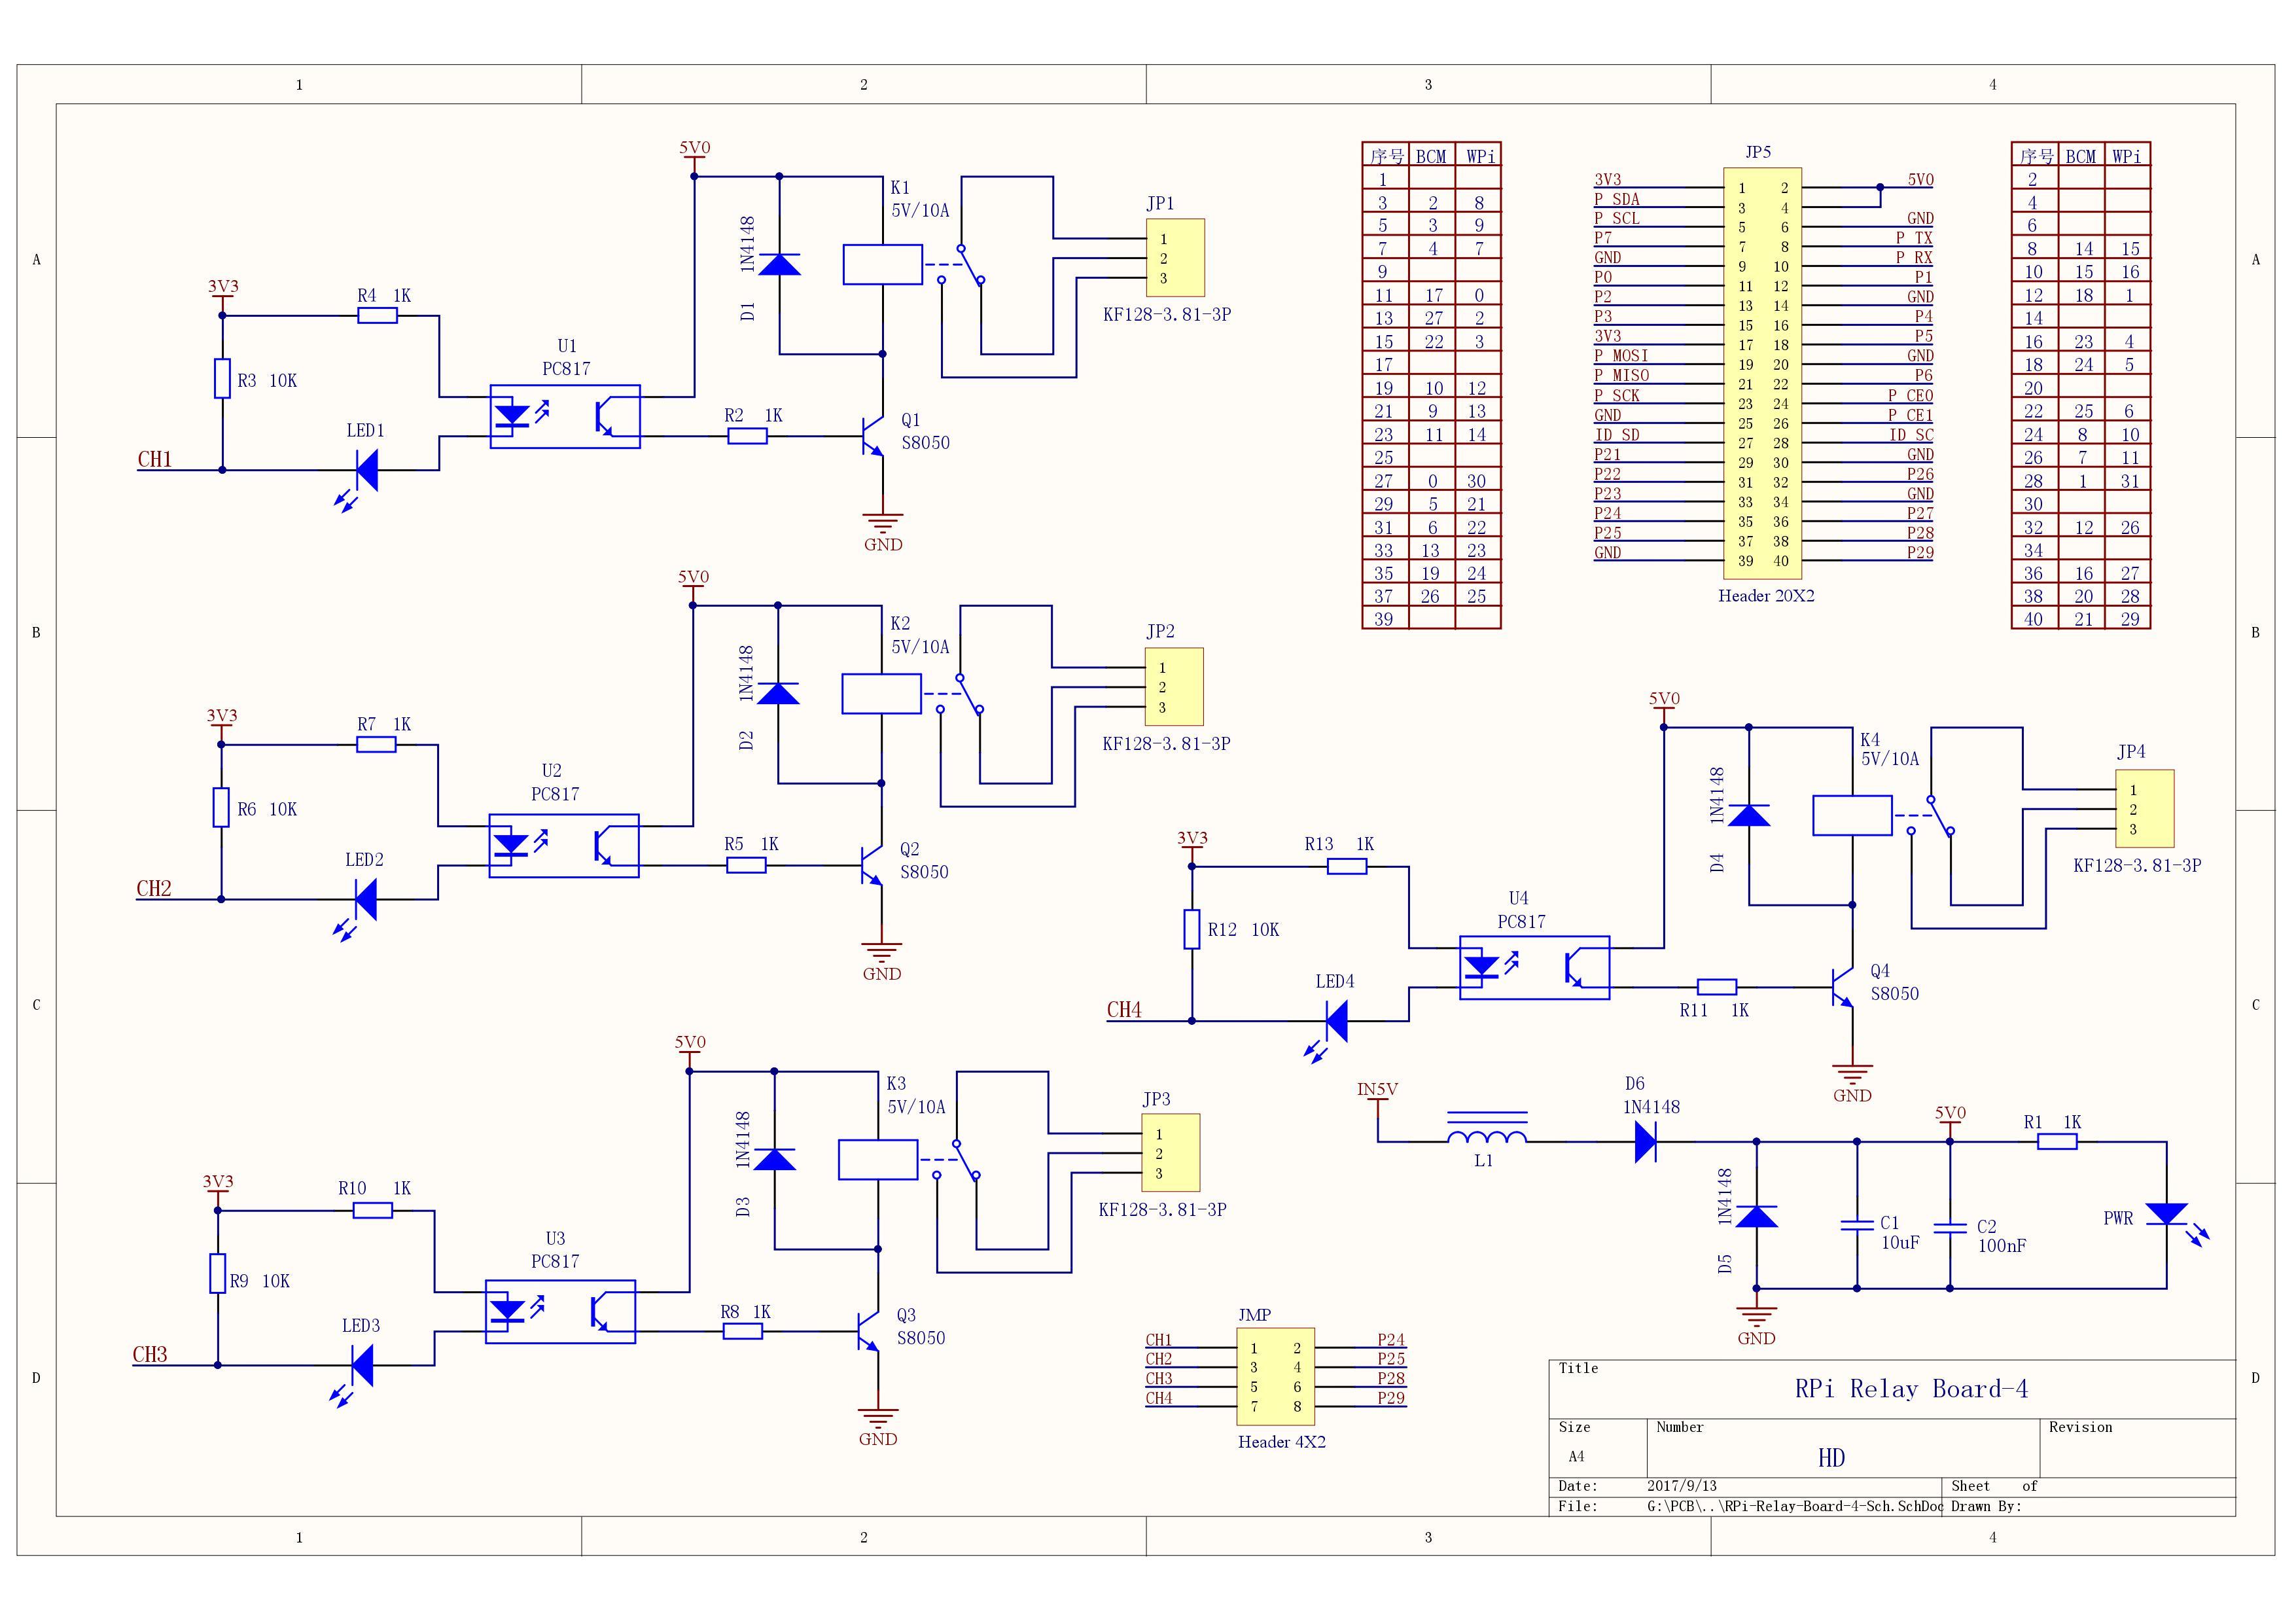 wiringpi c example programs